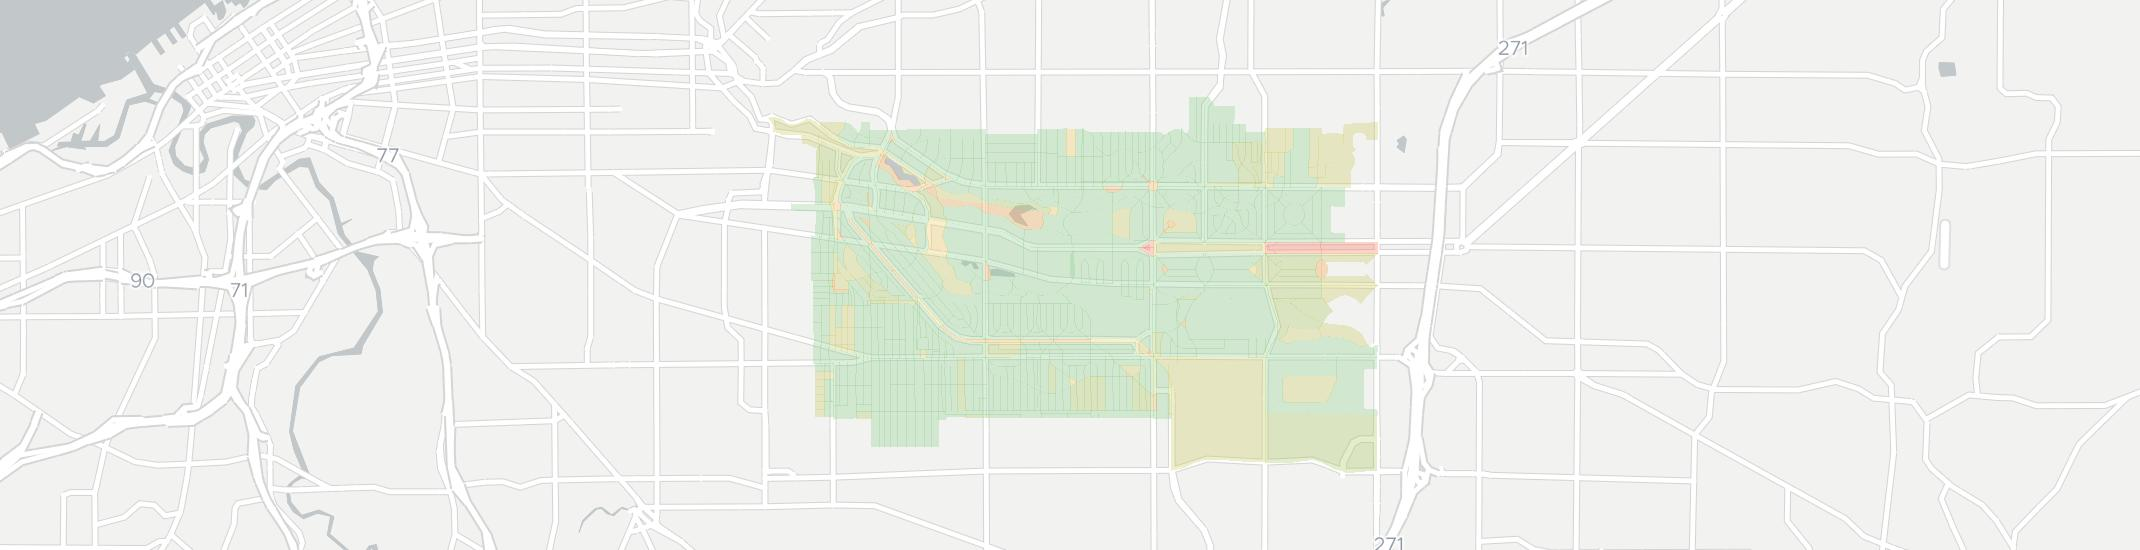 ForOffice | shaker heights ohio zip code map